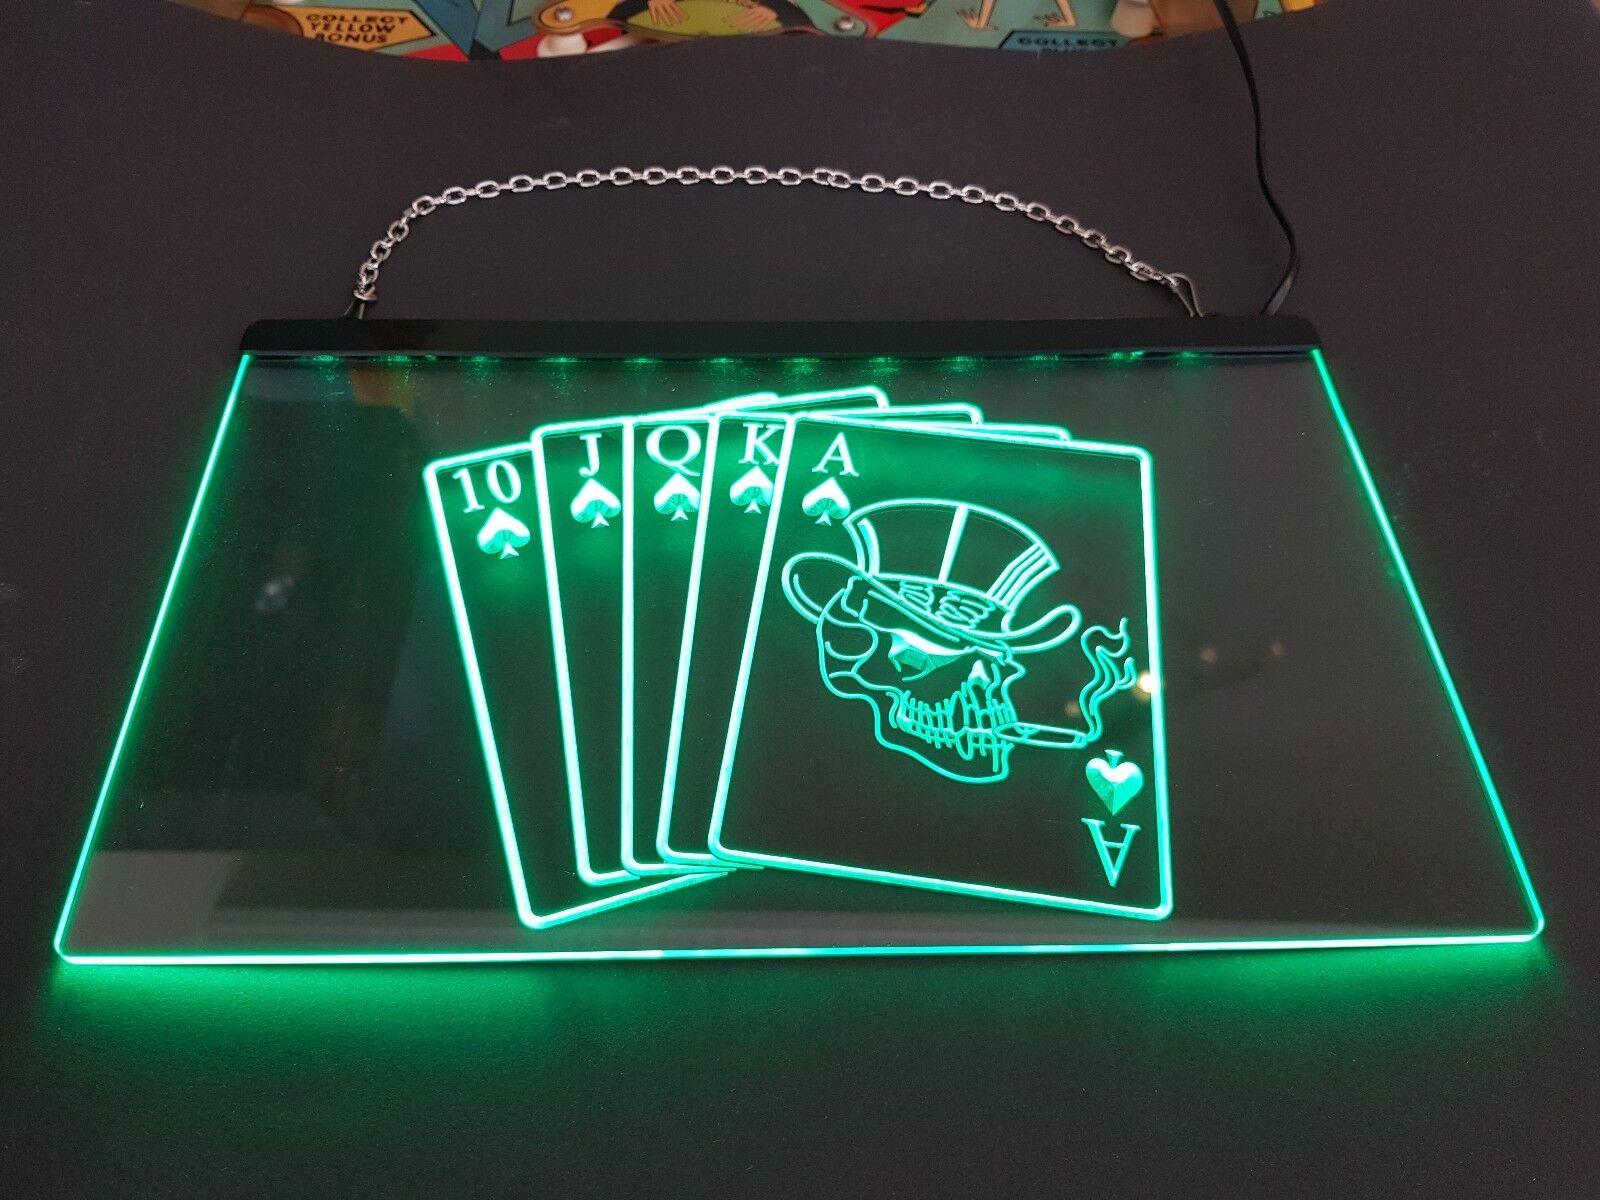 Poker Led Sign - Green